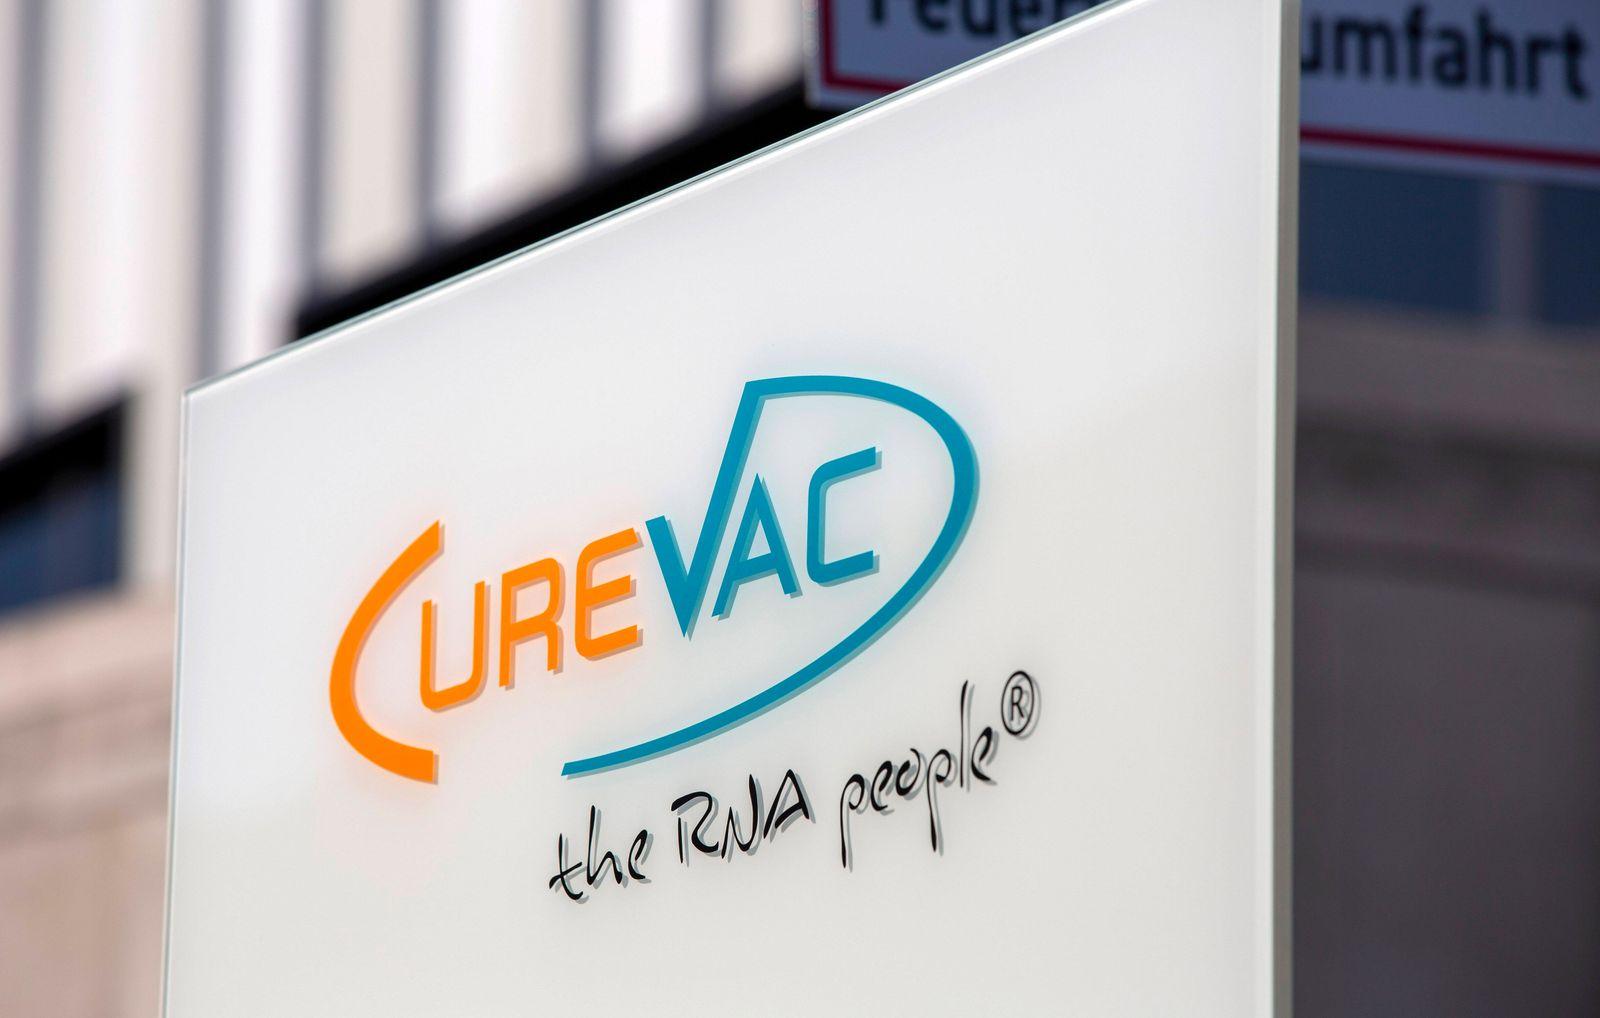 Hoffnung auf den Impfstoff gegen das Corona-Virus vom T¸binger Pharmaunternehmen CureVac AG. T¸bingen, 19.04.2020 *** Ho